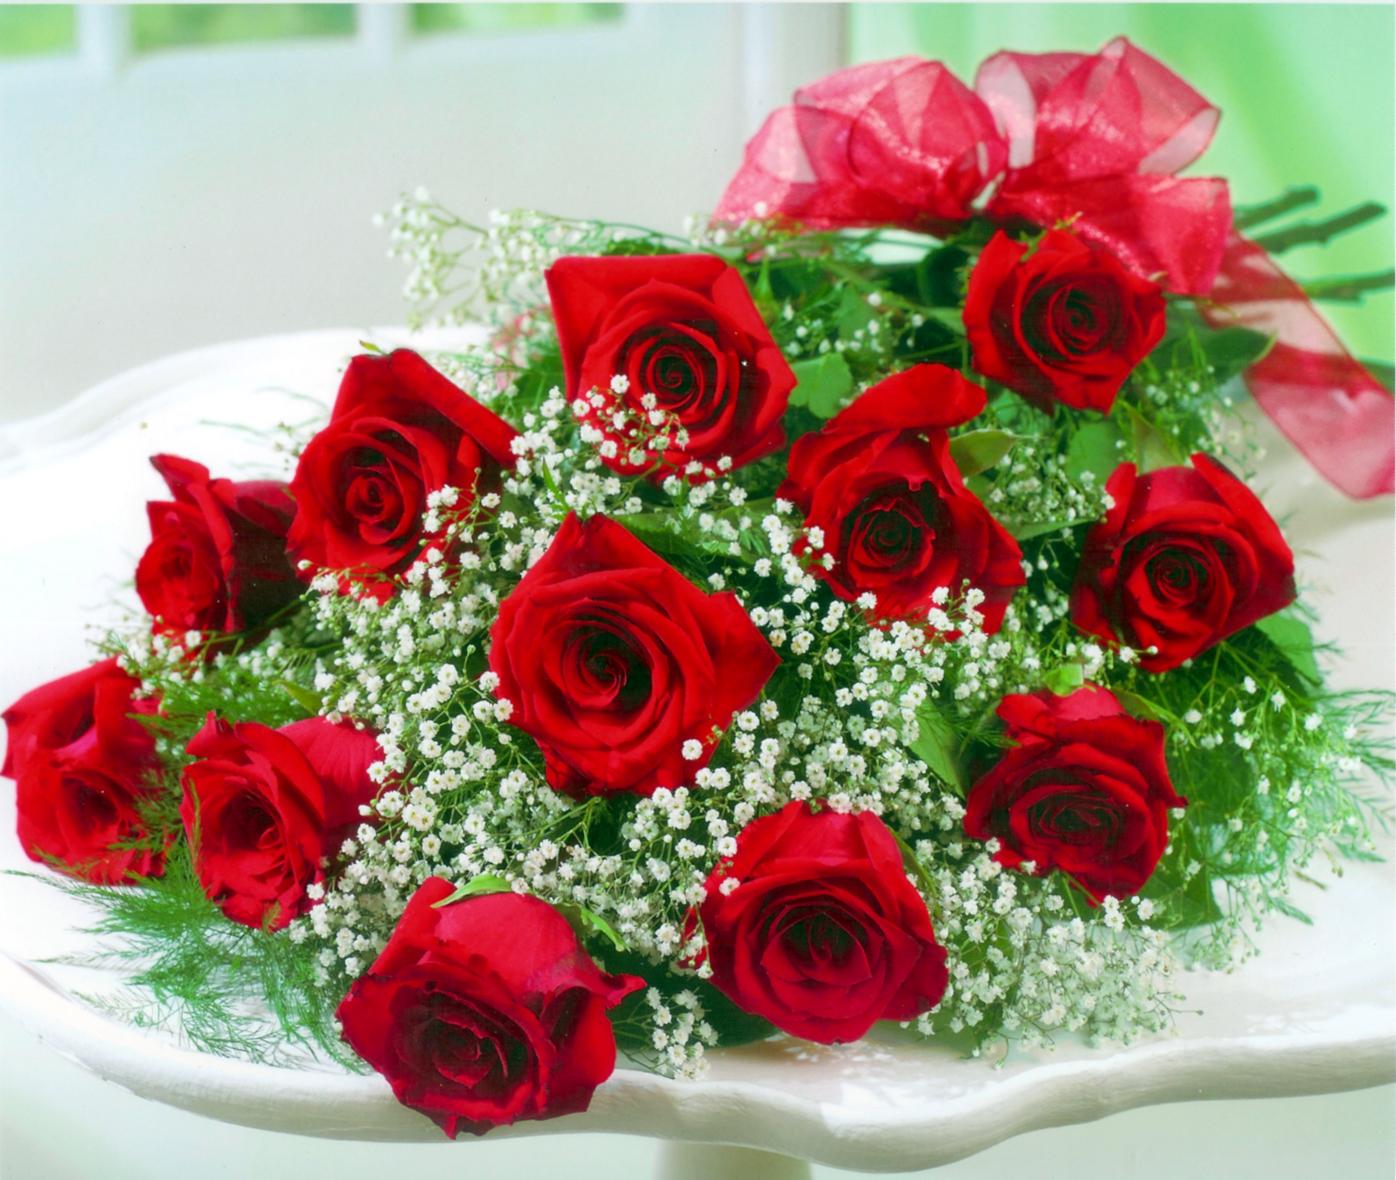 tải ảnh bó hoa đẹp nhất